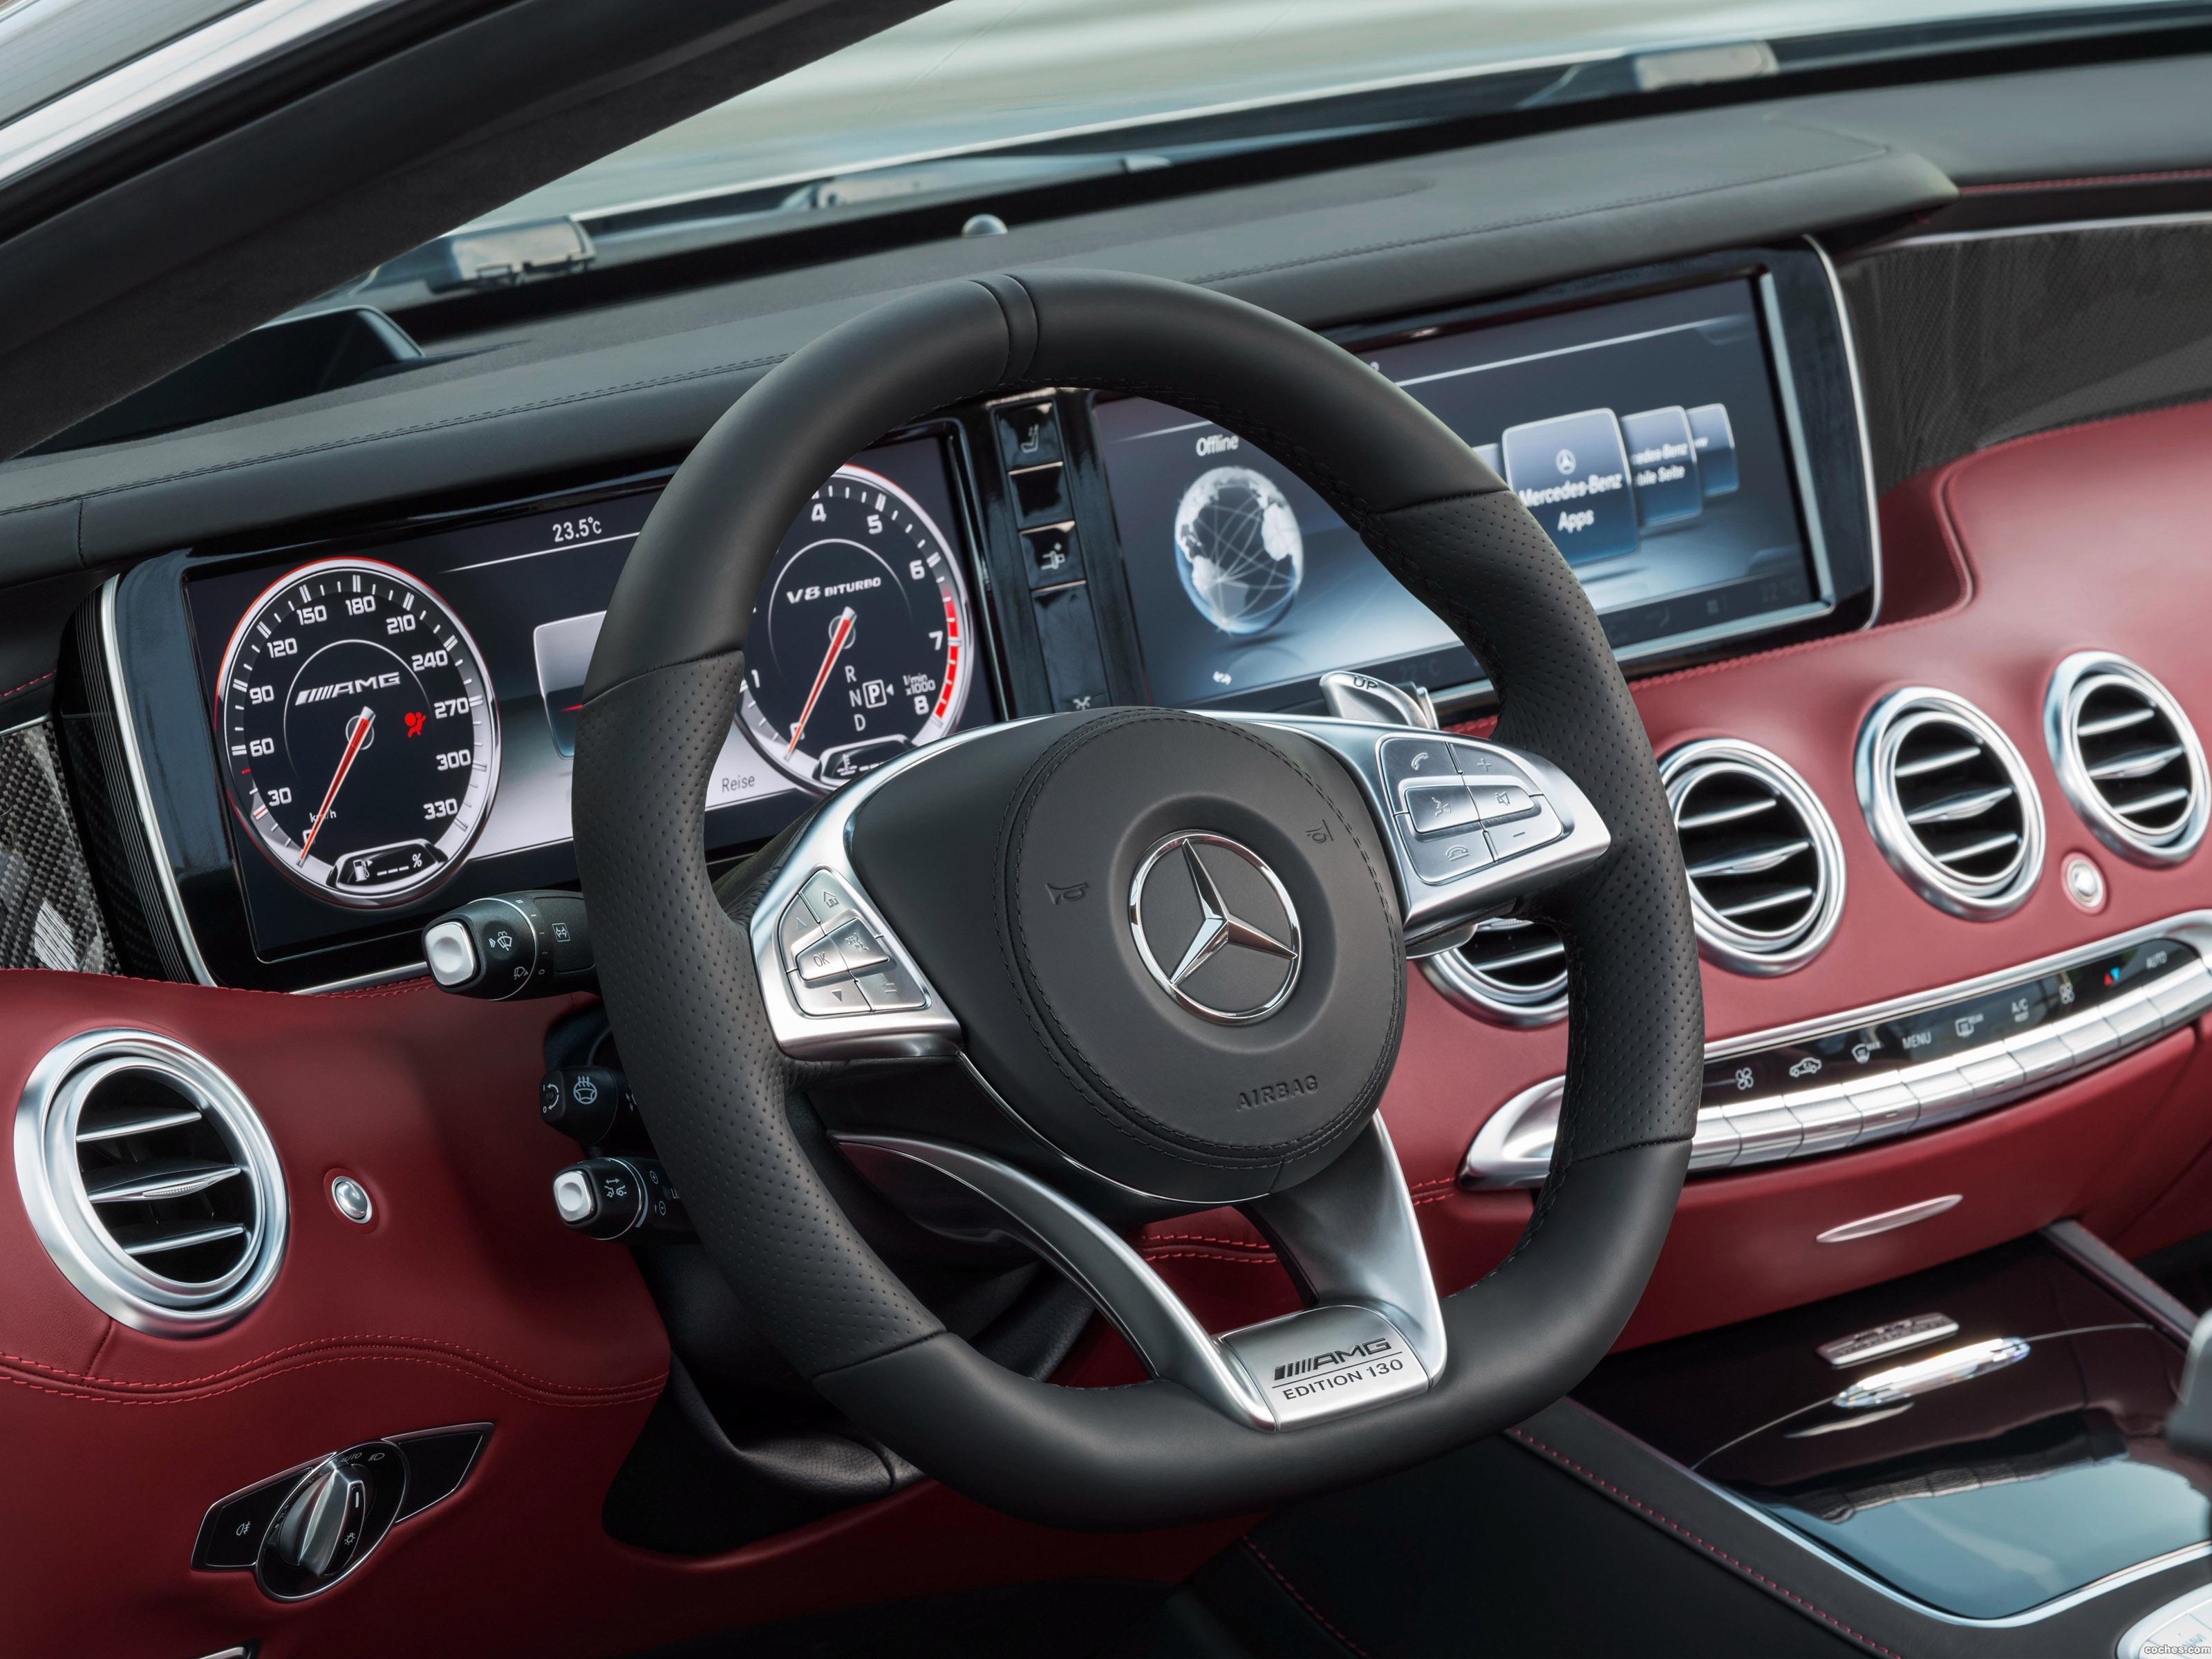 Foto 18 de Mercedes AMG S63 4MATIC Cabriolet Edition 130 A217 2016